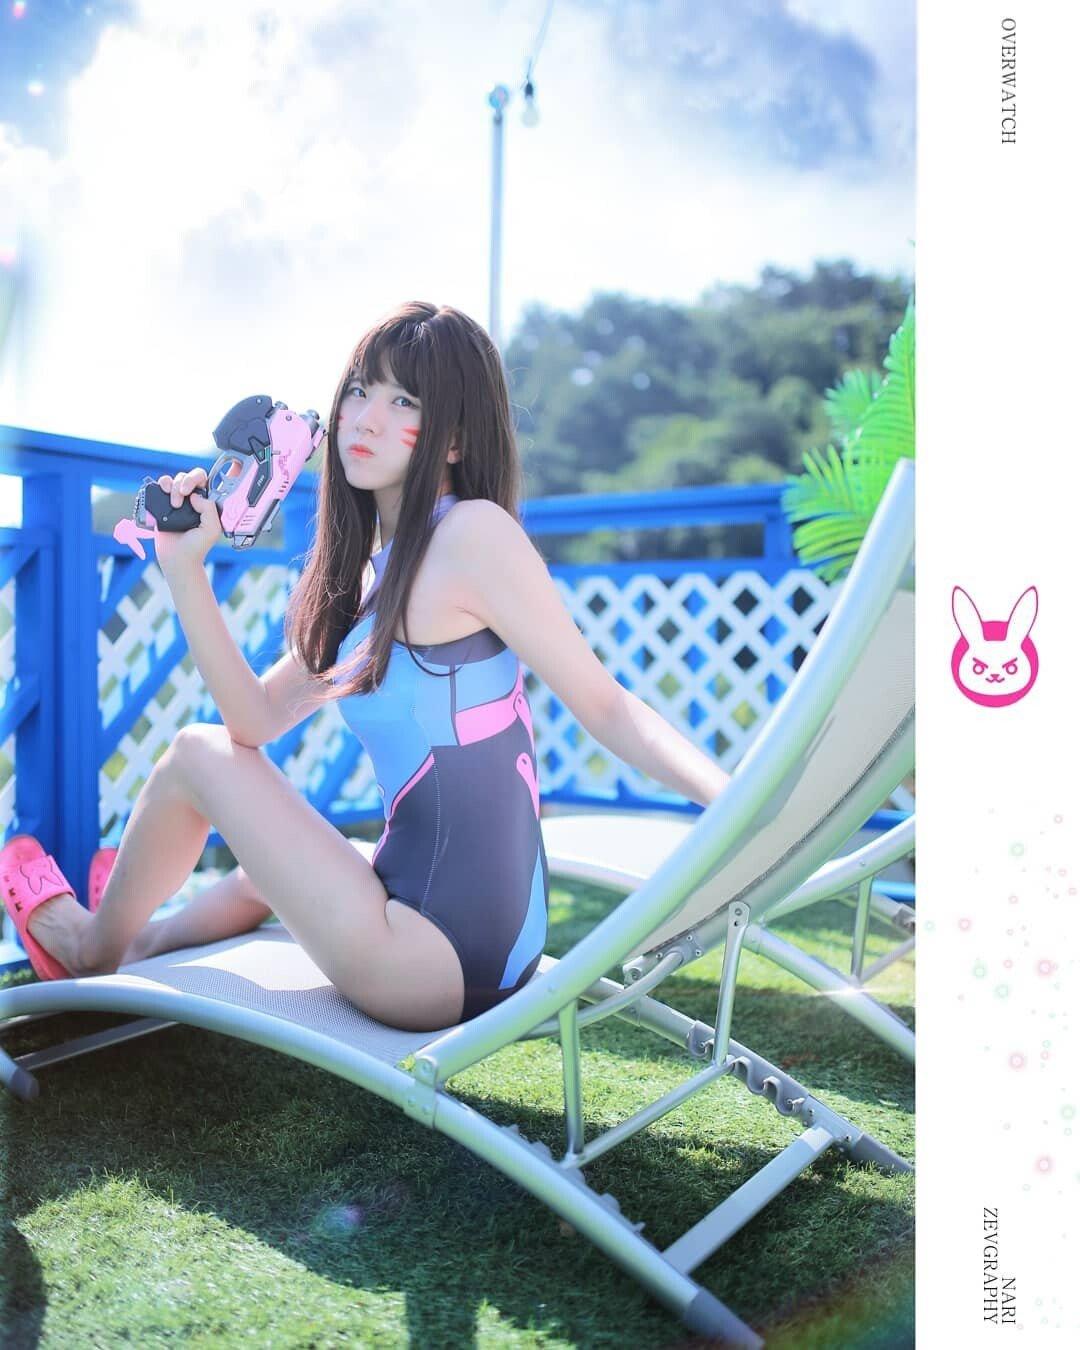 나리_ (152).jpg (ㅇㅎ) 한국 모델겸 코스프레어.jpg